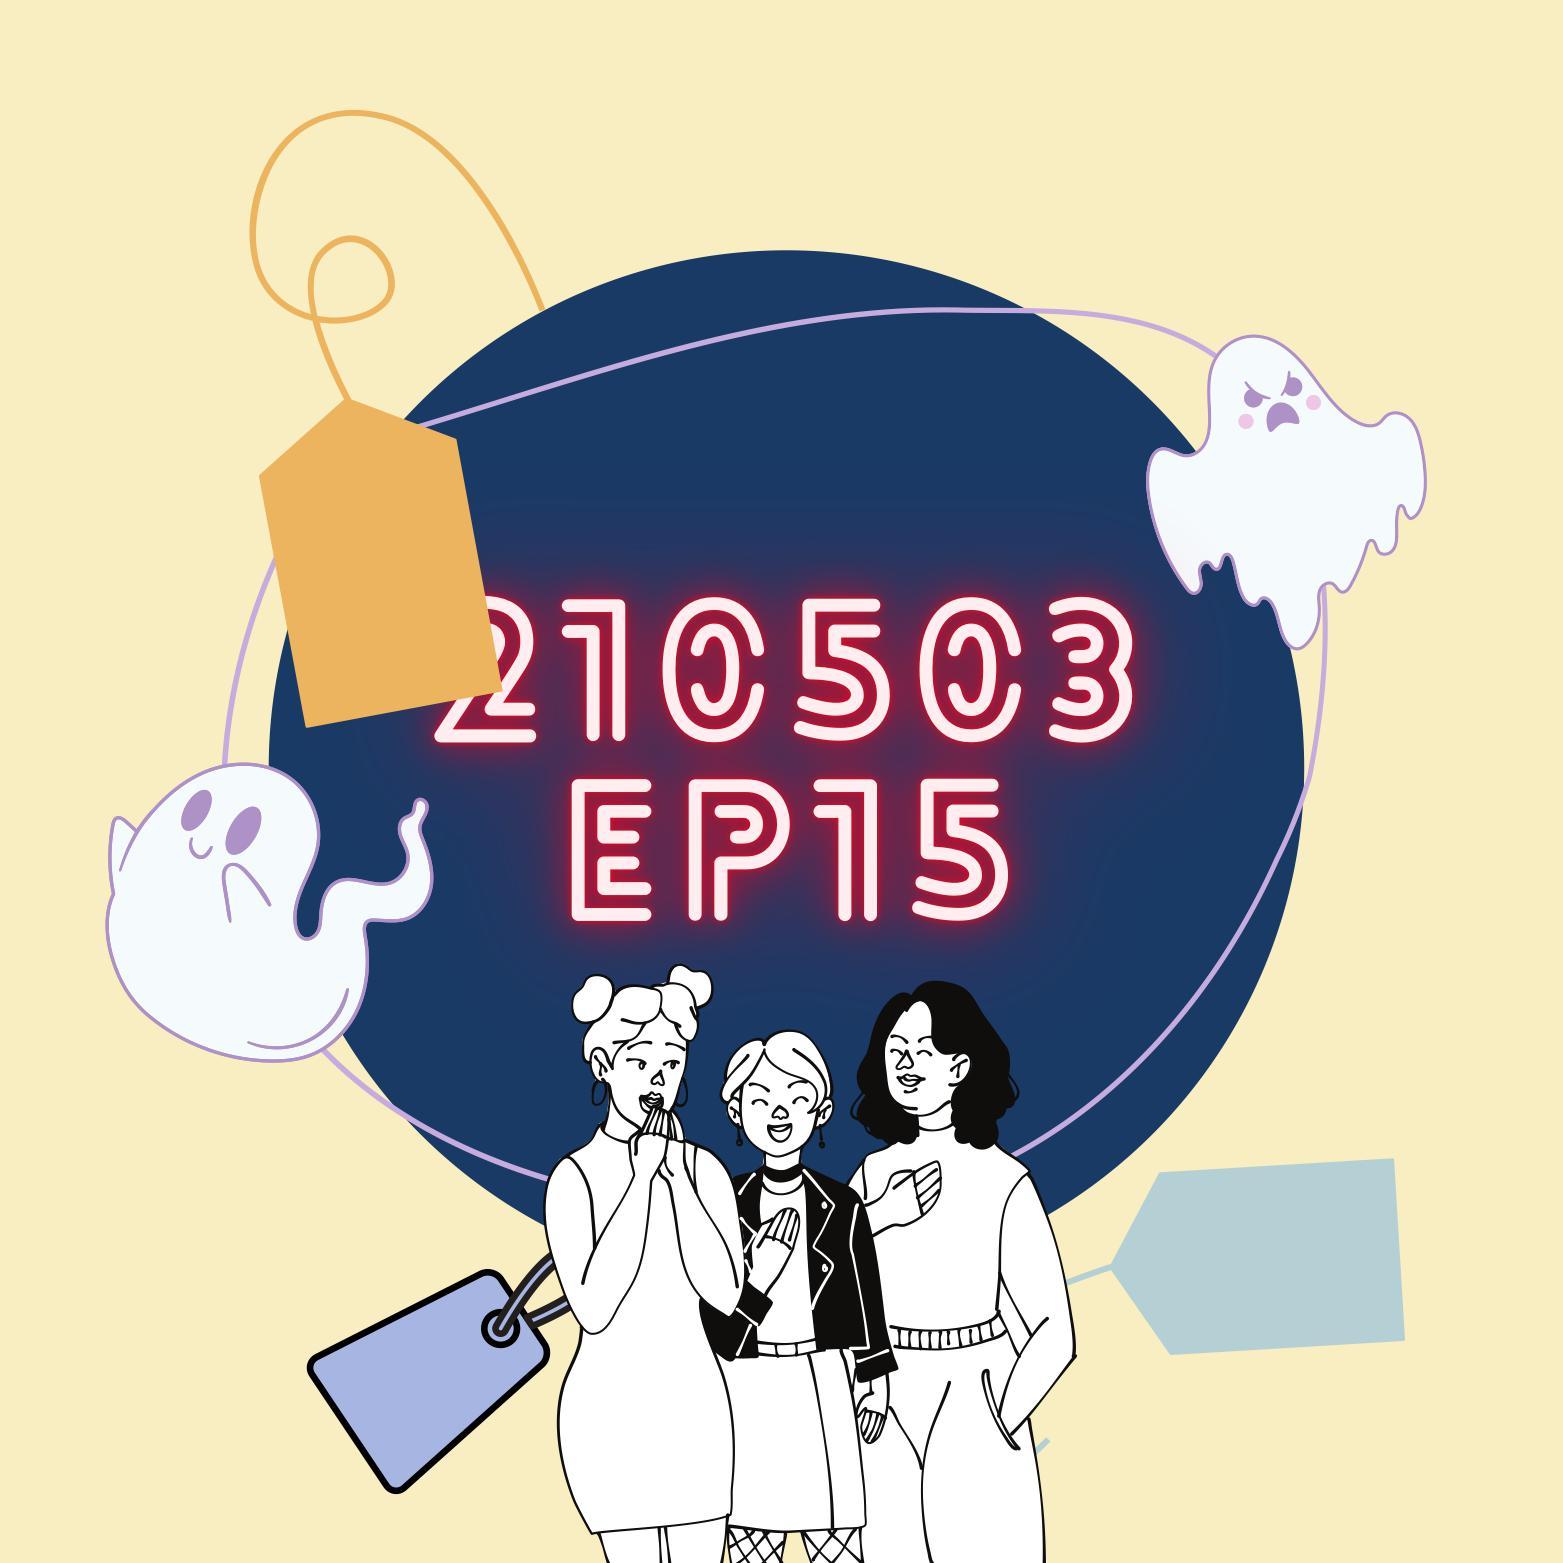 嘟丟鬼啊!EP15:不要在認識一個人之前就貼上標籤啊!你會錯過成為好朋友的機會啊!(上)